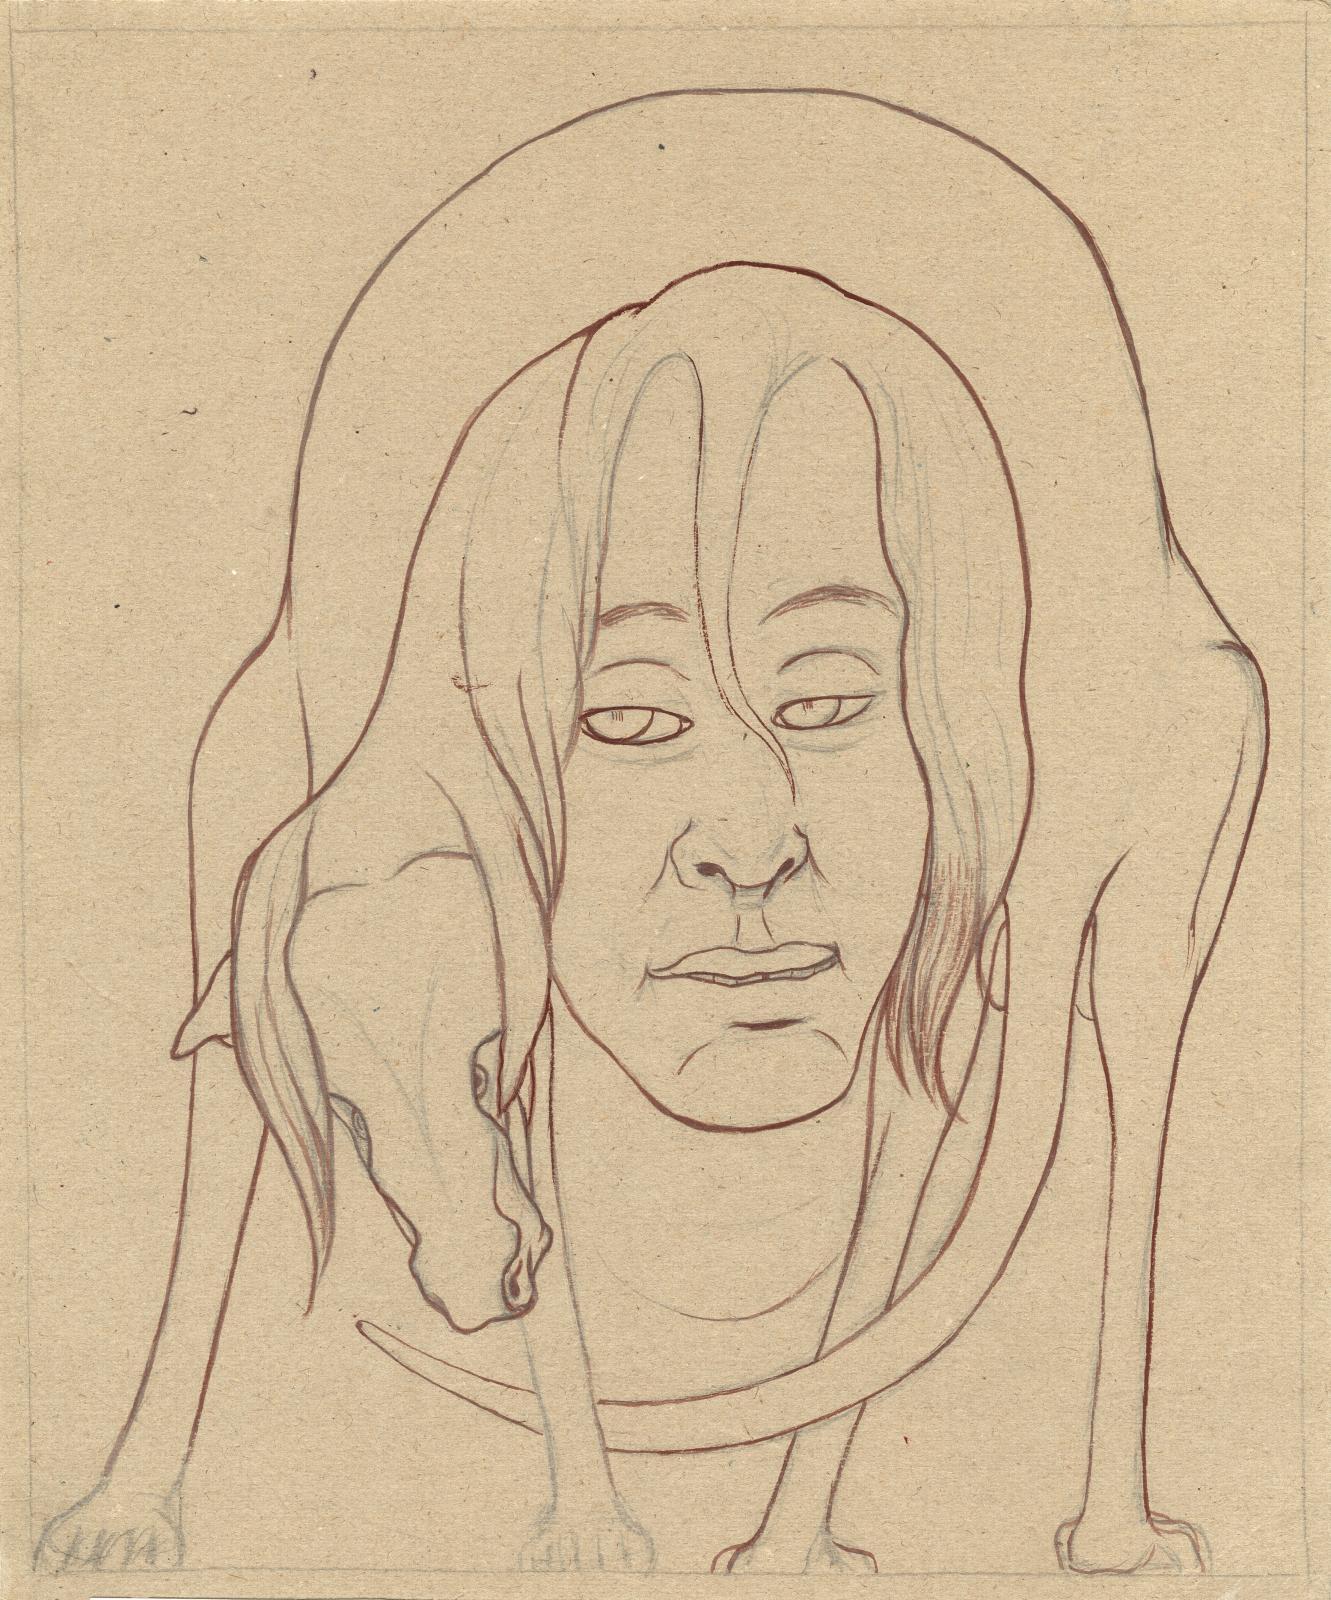 Idaouler Moncle encerclé (Ma ville, série des Figures avec des animaux), 1935, gouache rouge sur trait de mine de plomb, 36x30cm. © Gal